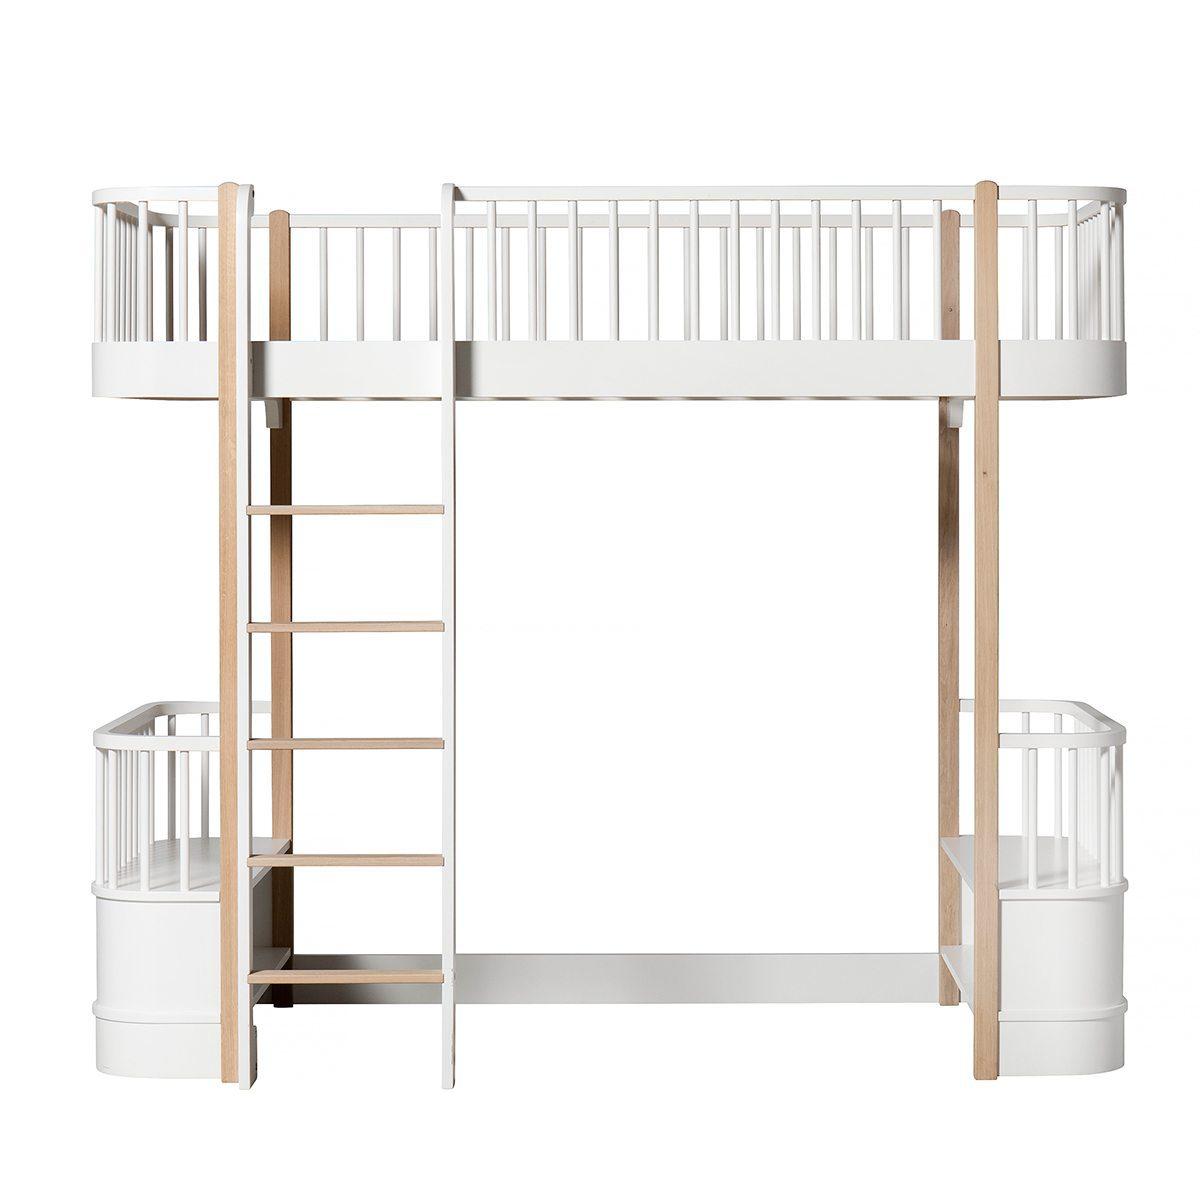 Oliver Furniture – Wood Original Loft Bed – Wit/Eikenhout, 90 x 200 cm